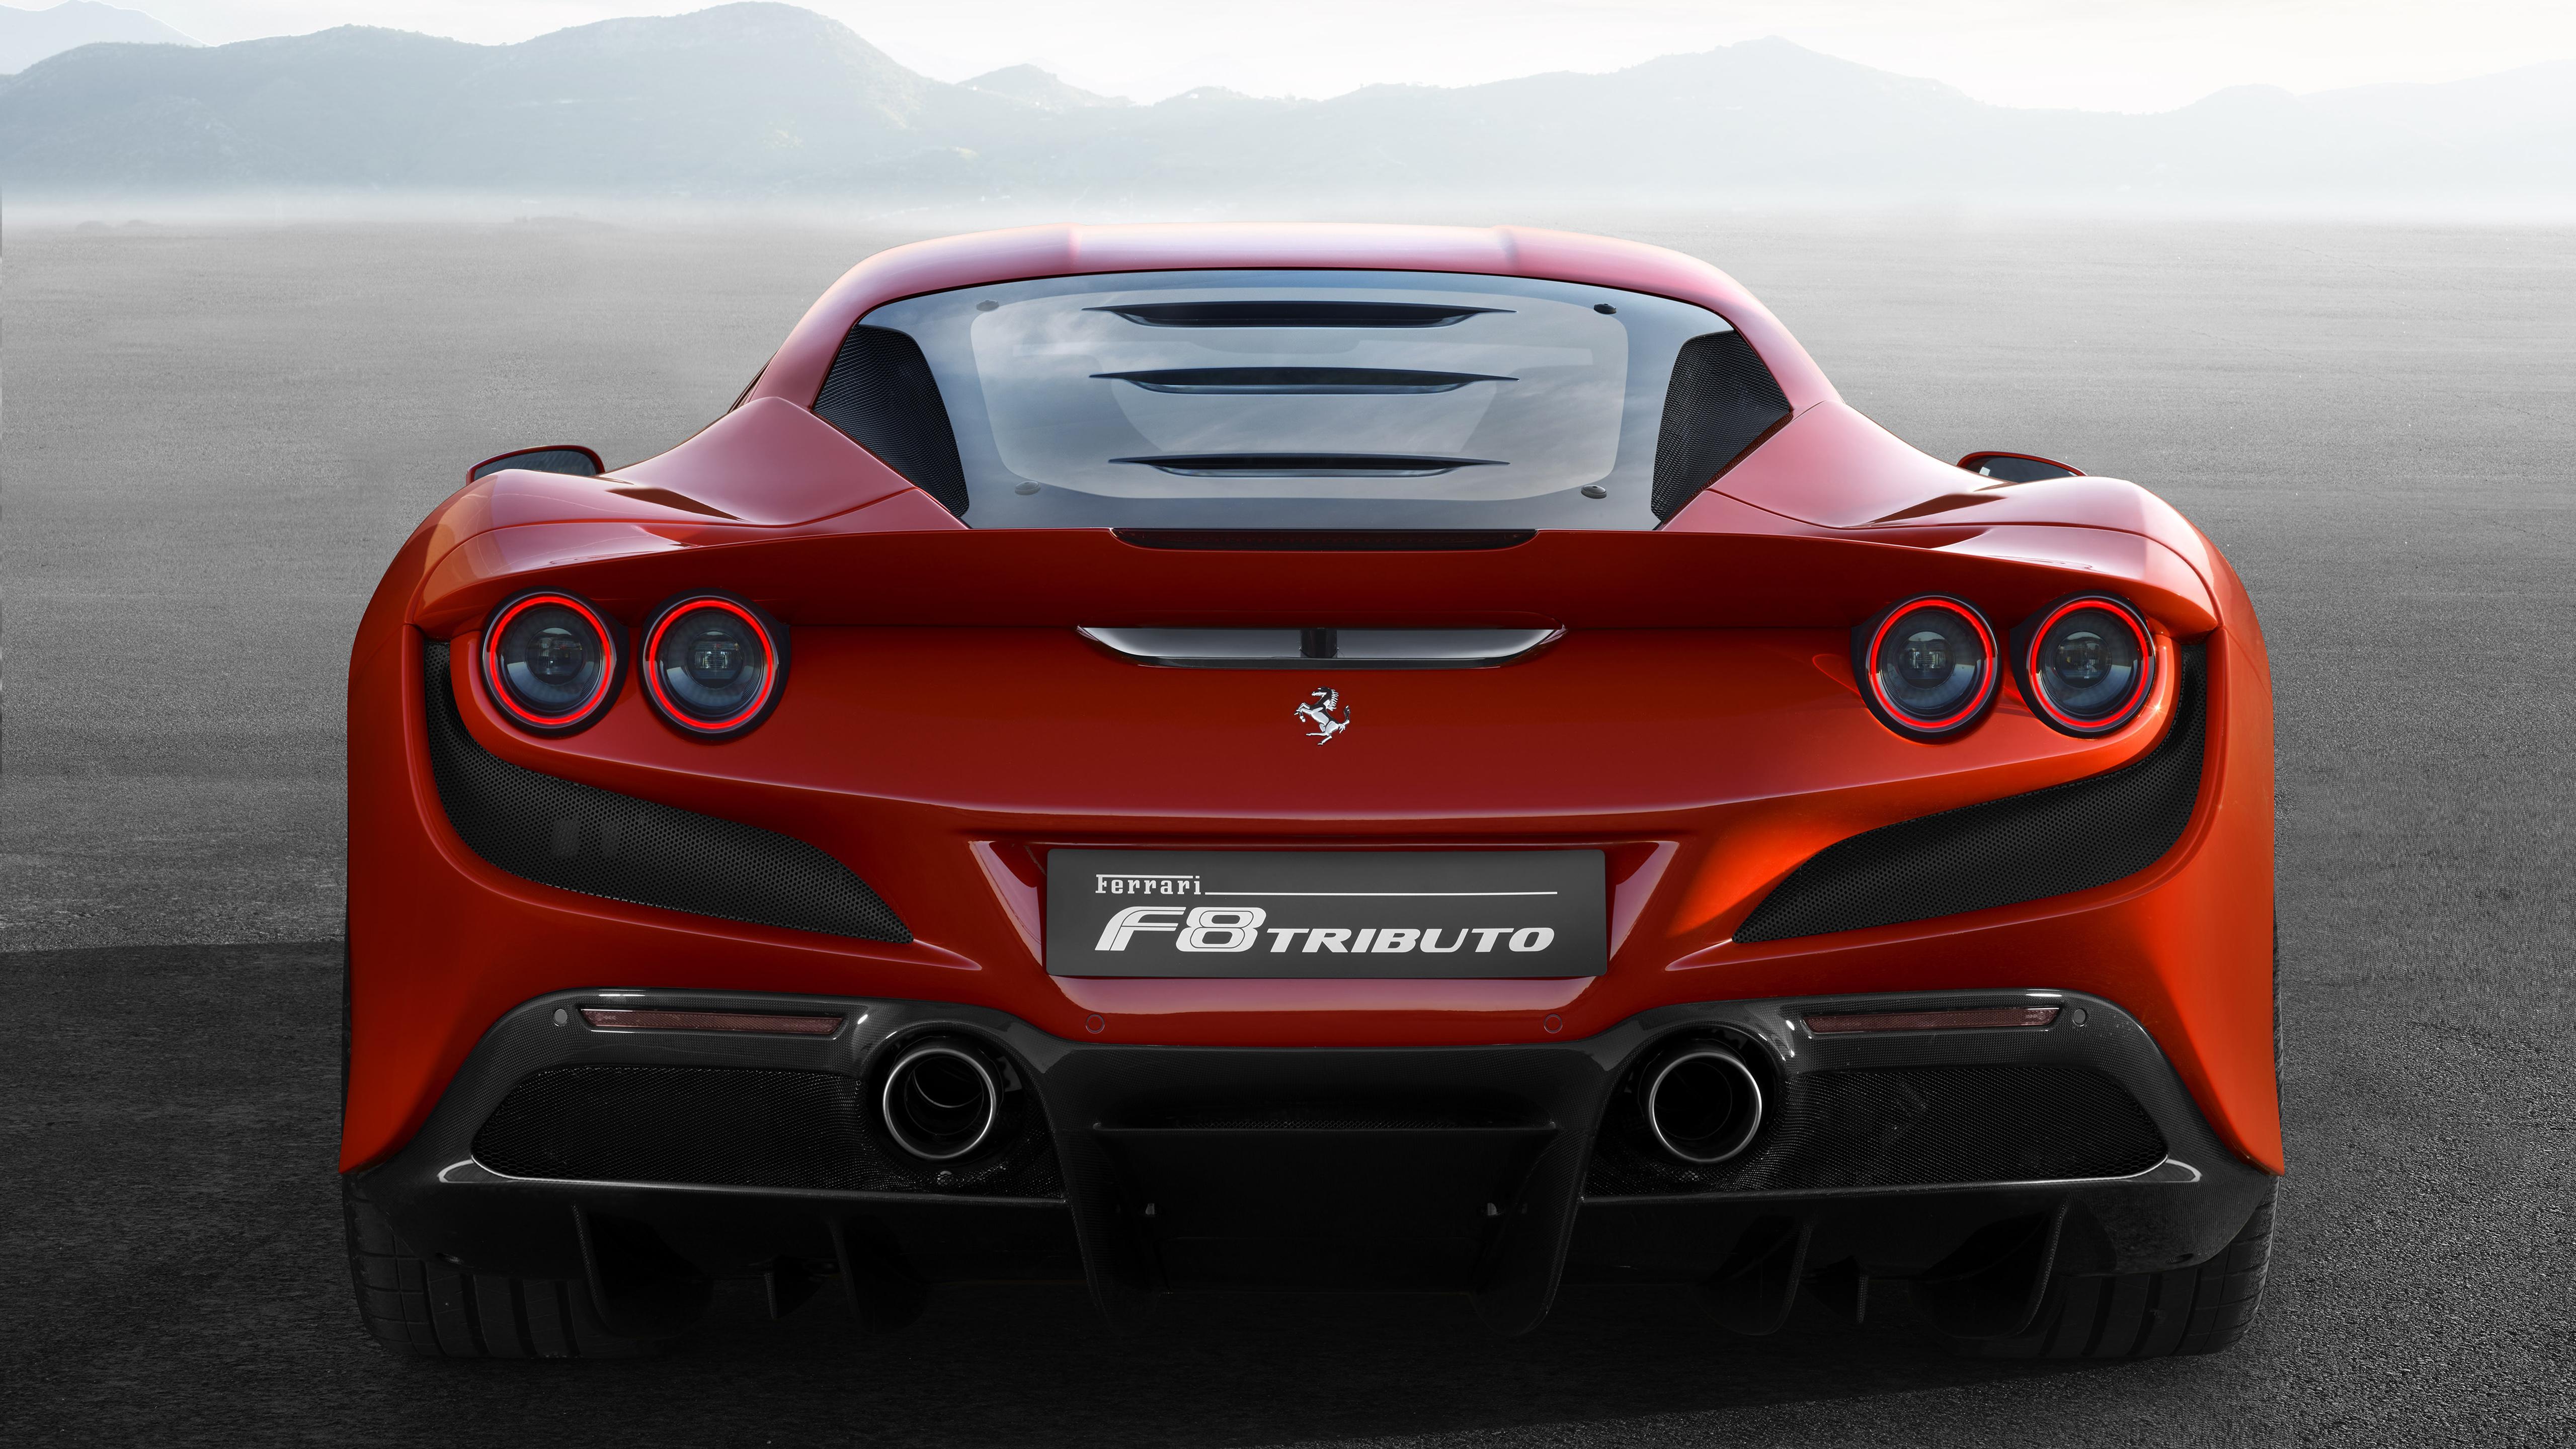 Ferrari F8 Tributo 2019 4k 5k 4 Wallpaper Hd Car Wallpapers Id 12169